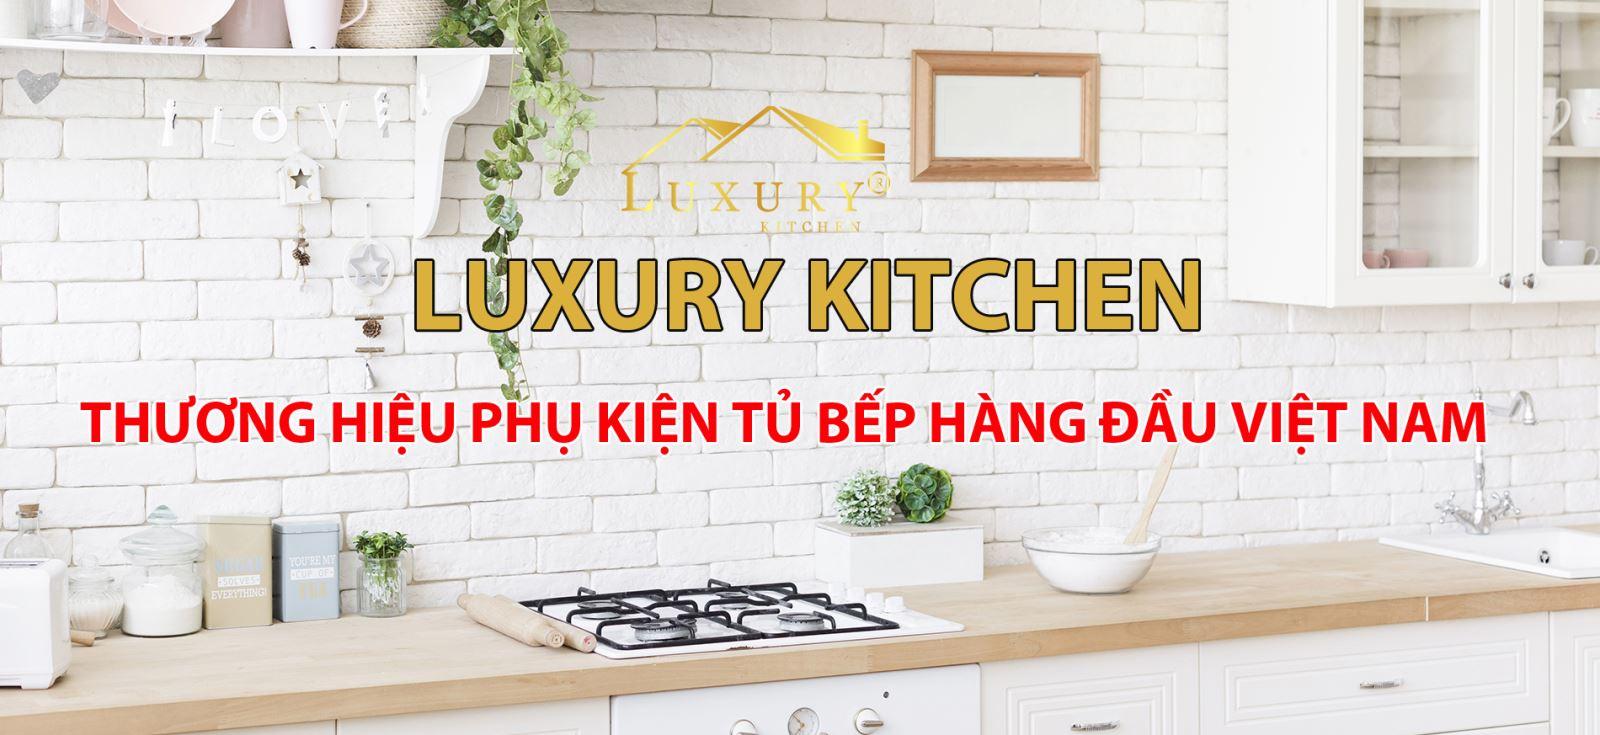 phụ kiện tủ bếp thông minh luxury chính hãng